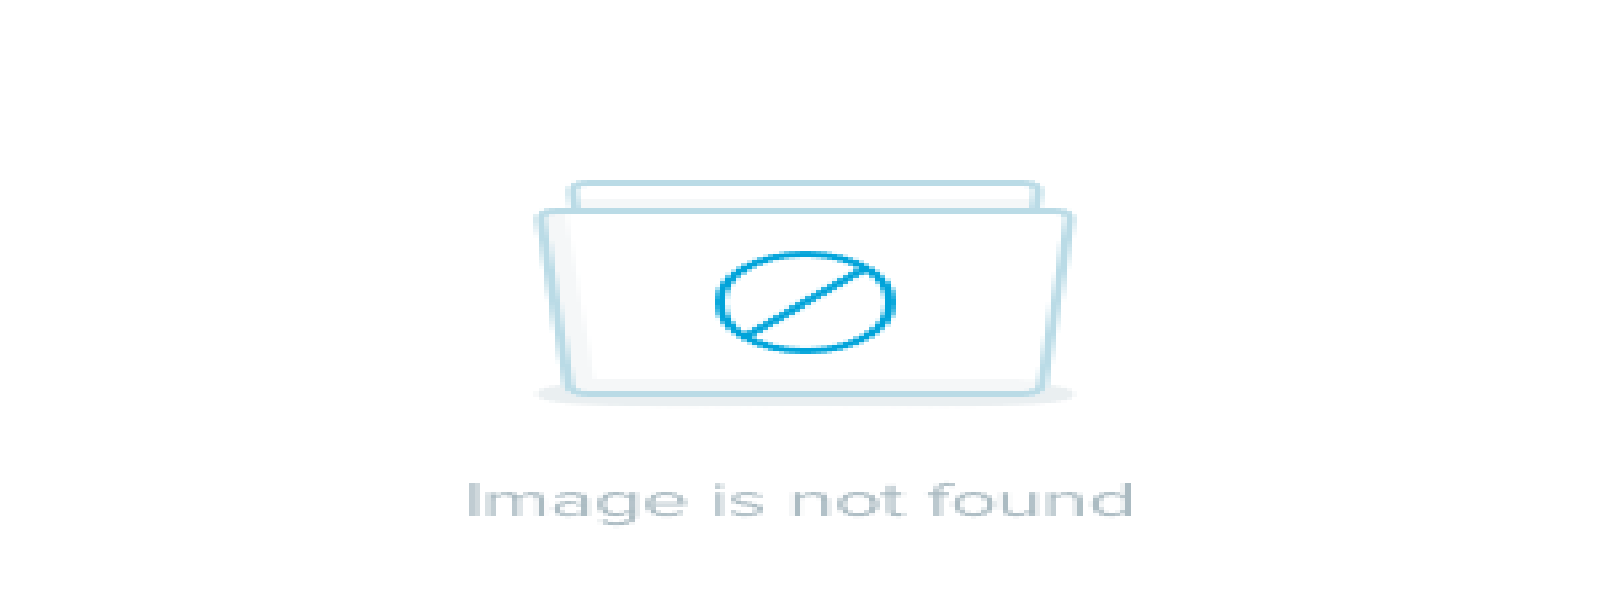 динамика аварий на горнолыжных подъемниках